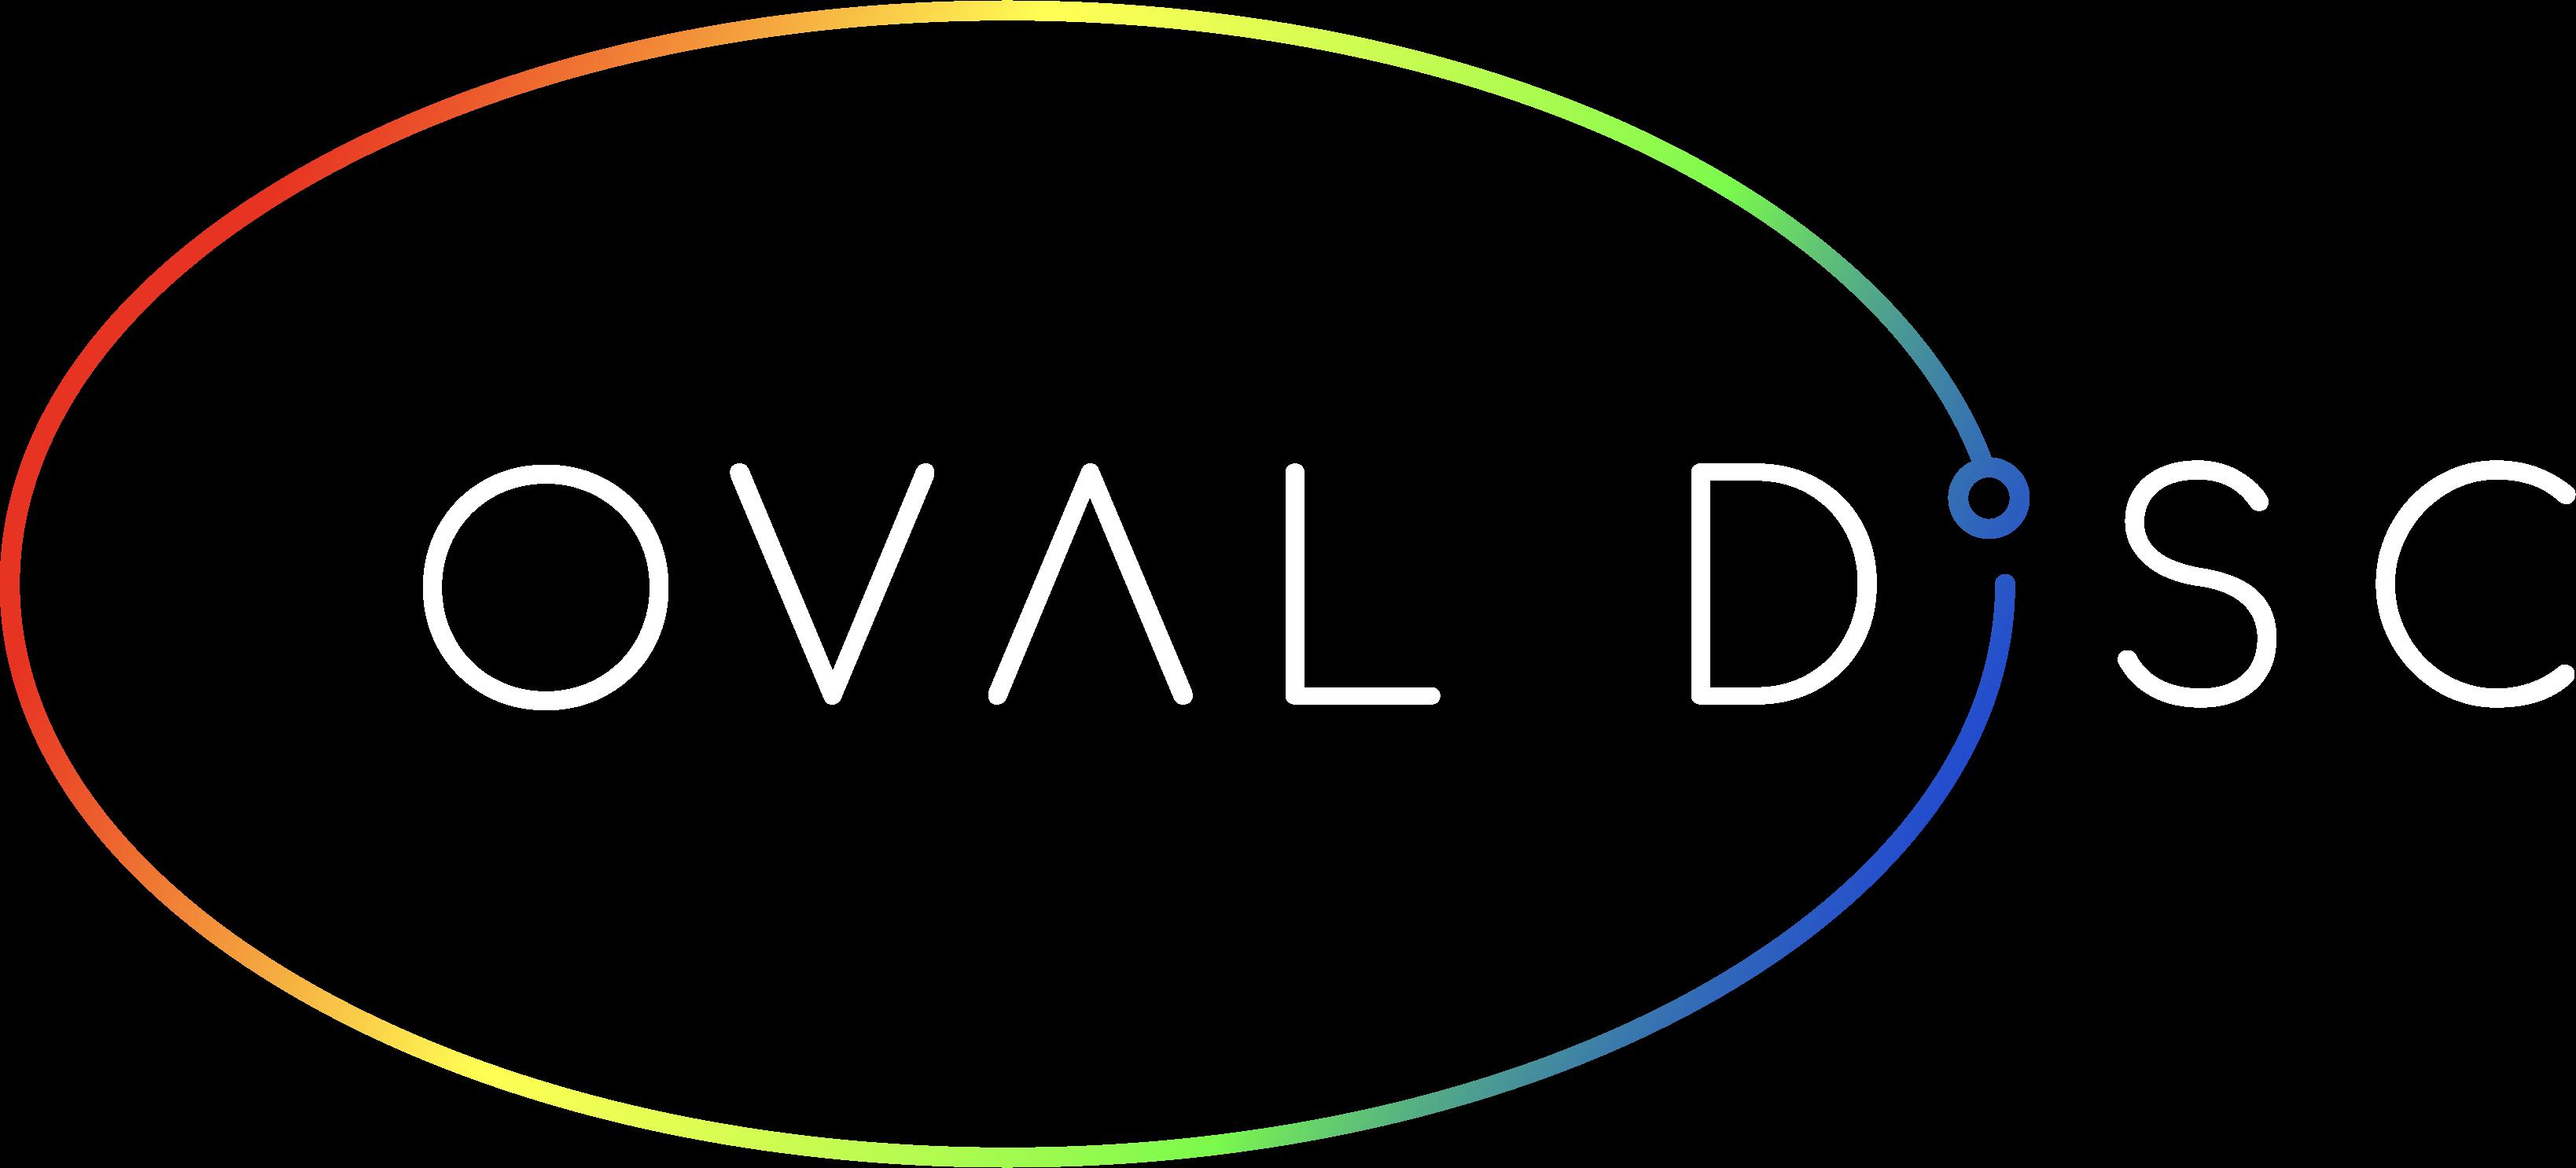 OvalDISC.com